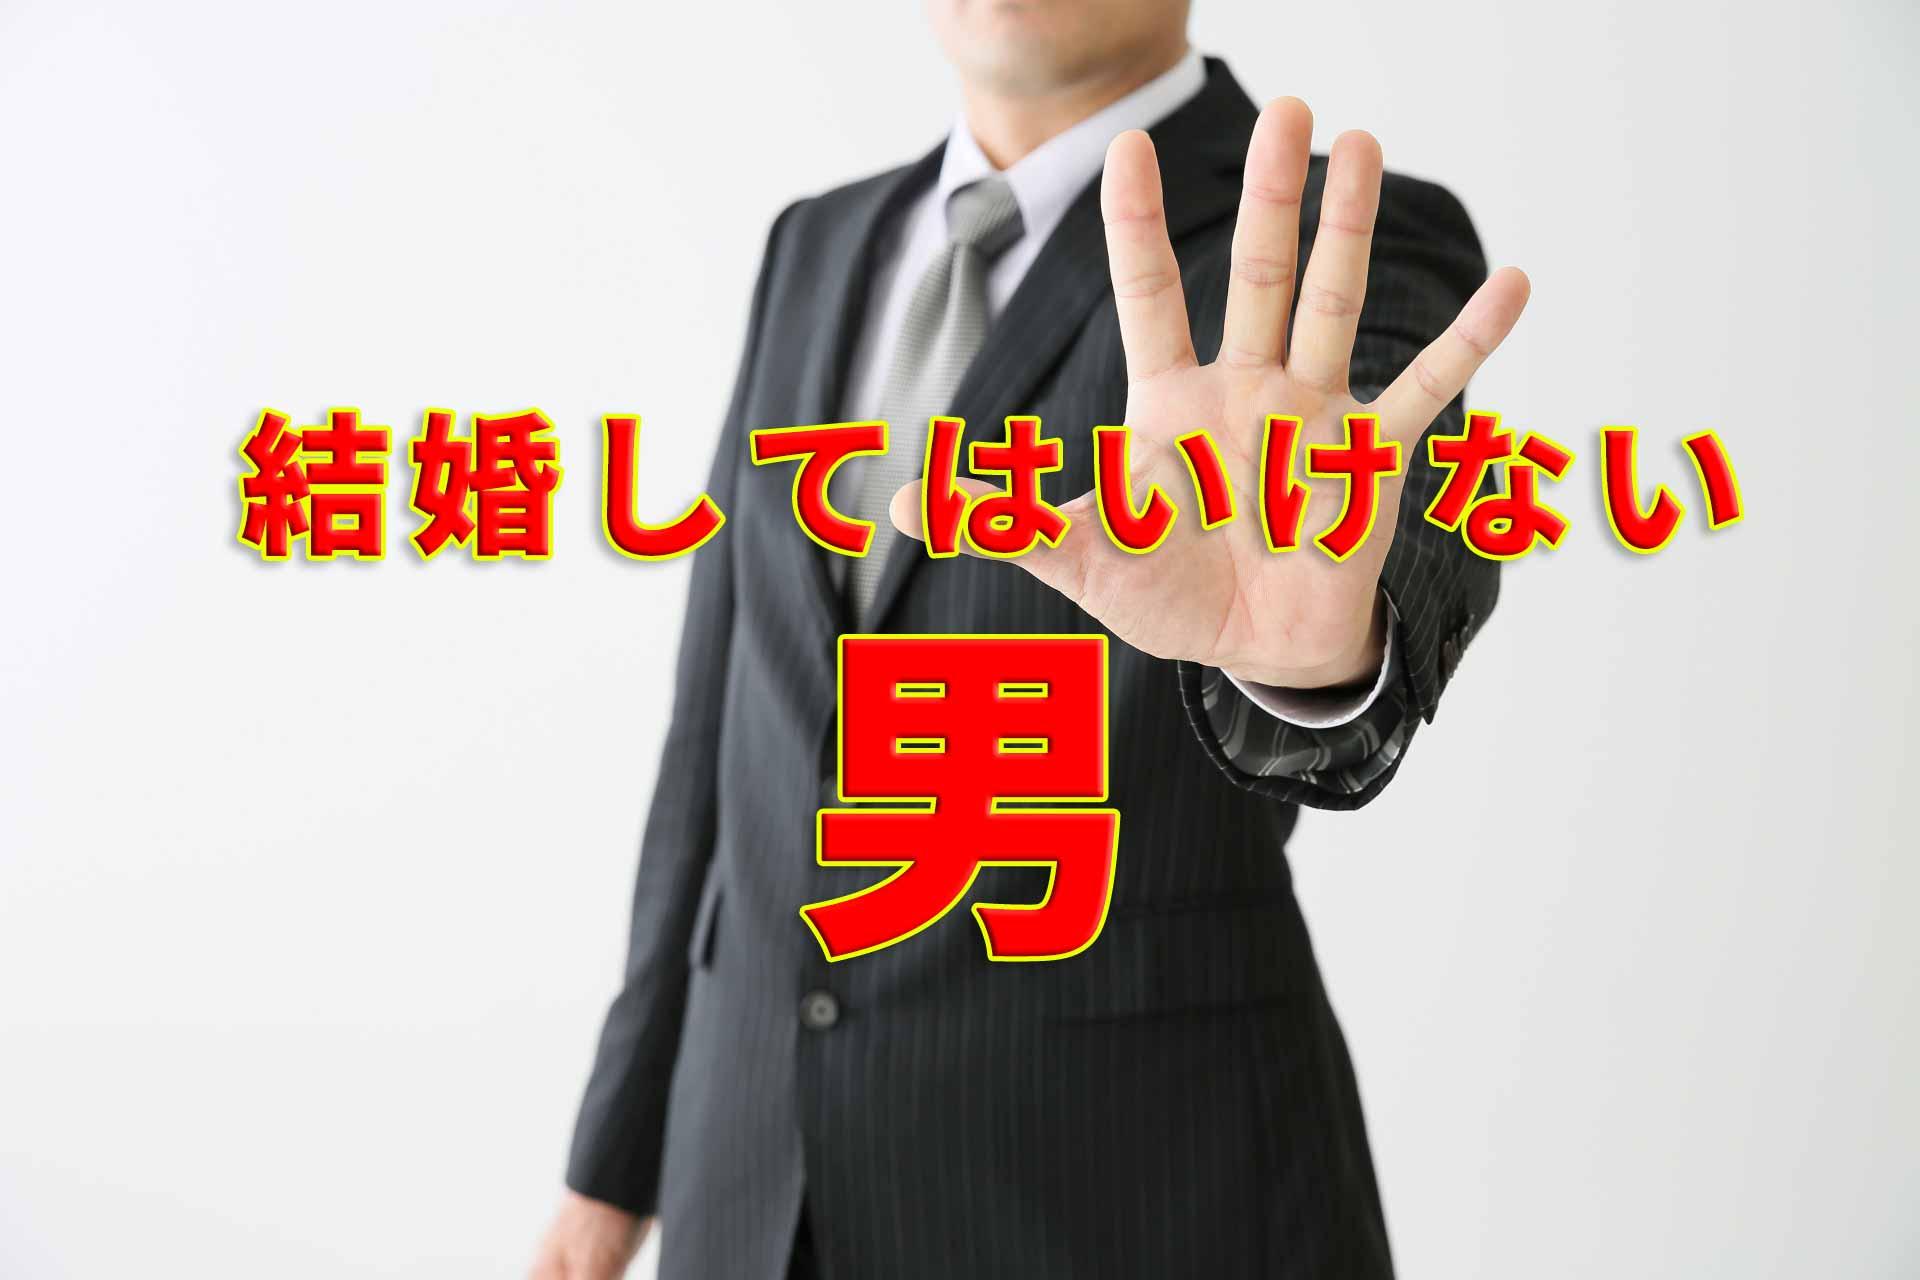 「結婚してはいけない男」の文字と手を前に出し、止めている男性